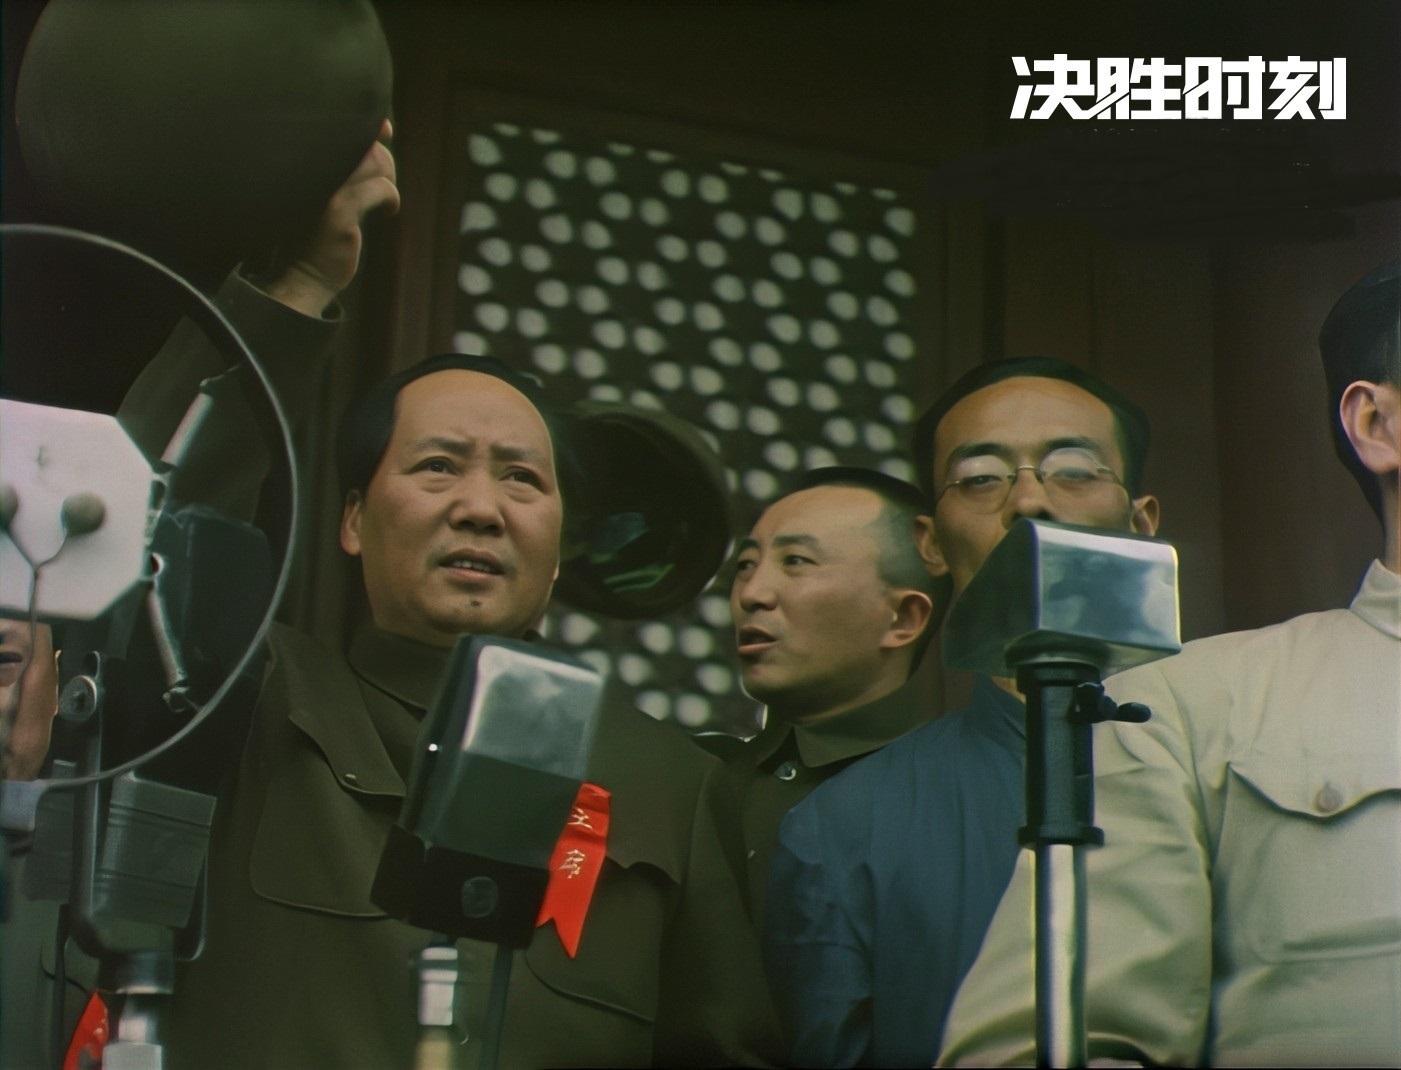 【地评线】砥砺前行,为了近14亿人民的中国梦